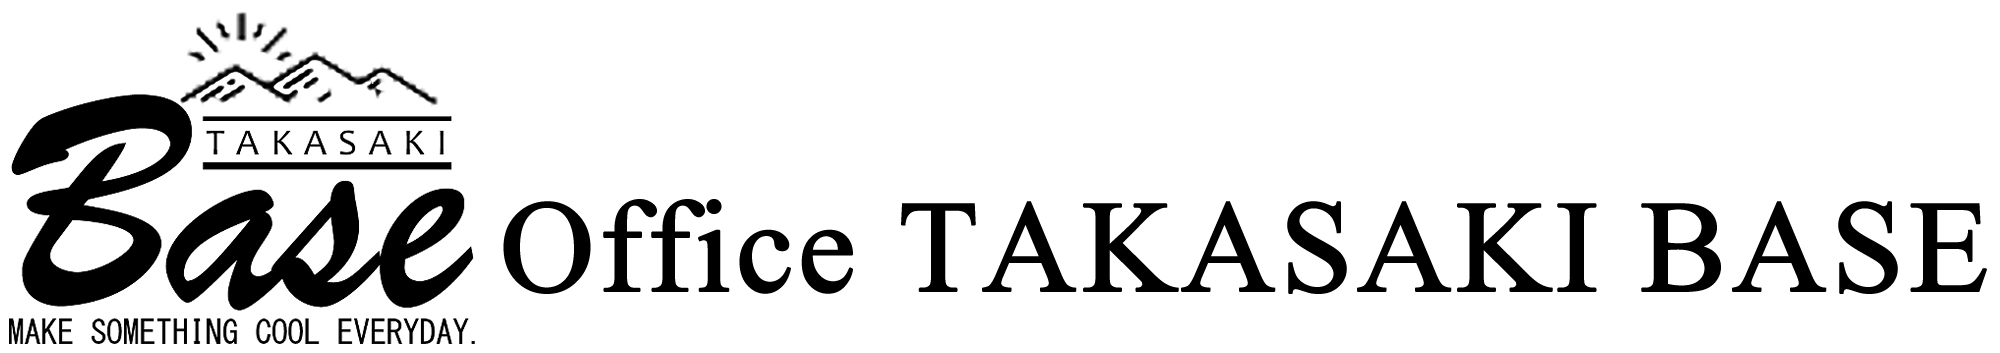 高崎 レンタルオフィス | 時間貸し | レンタル会議室 | コワーキングスペース | シェアオフィス|Office TAKASAKI BASE